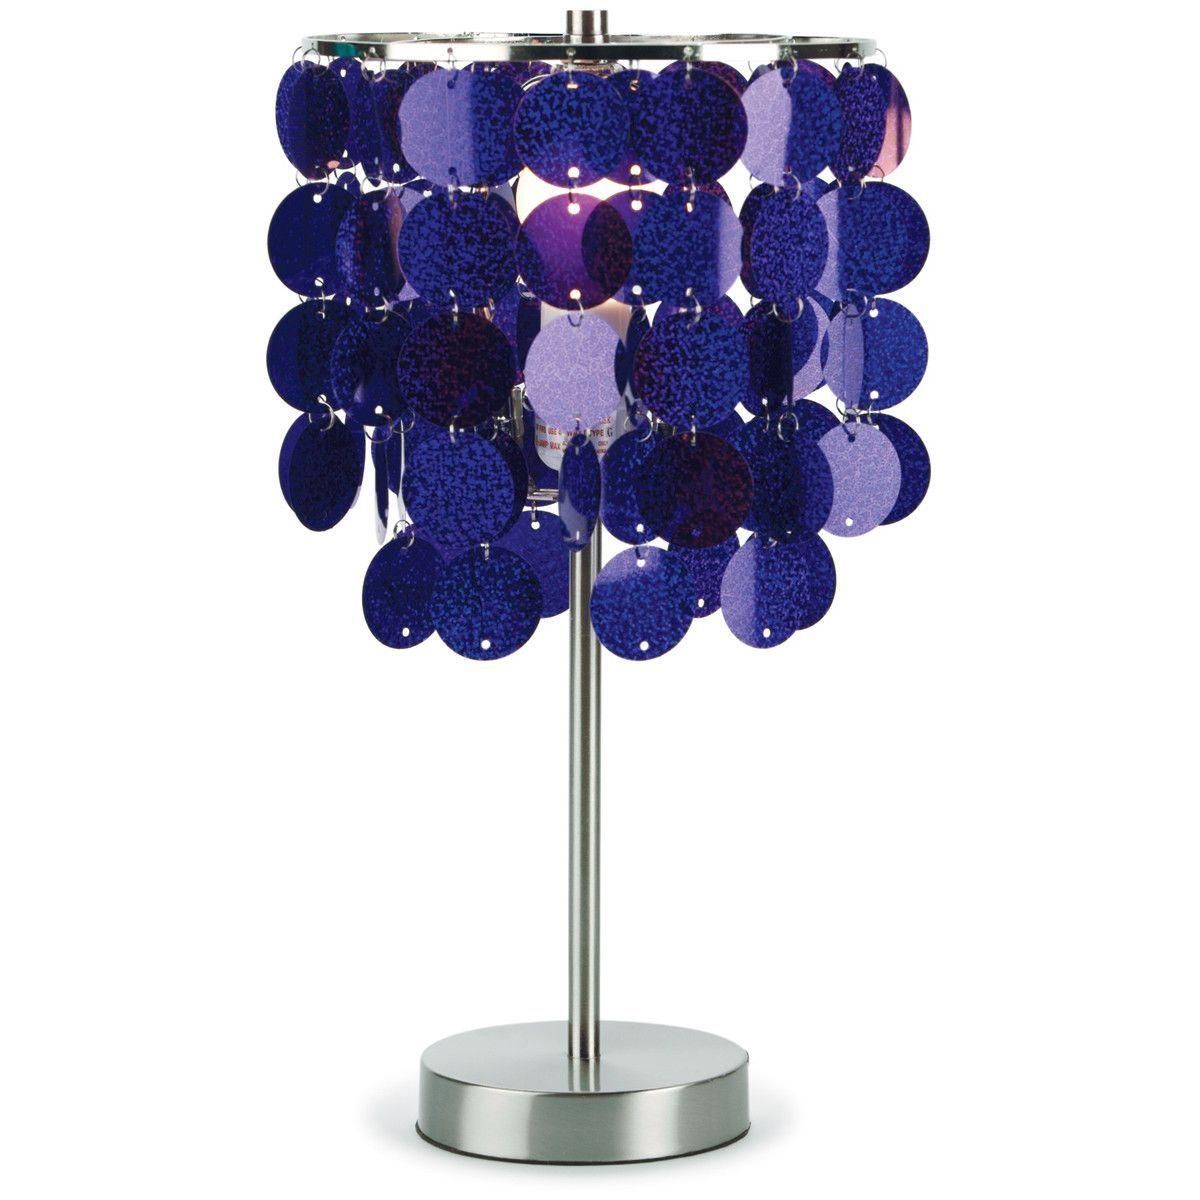 3c4g Purple Paillette Table Lamp | Purple lamp, Purple ...